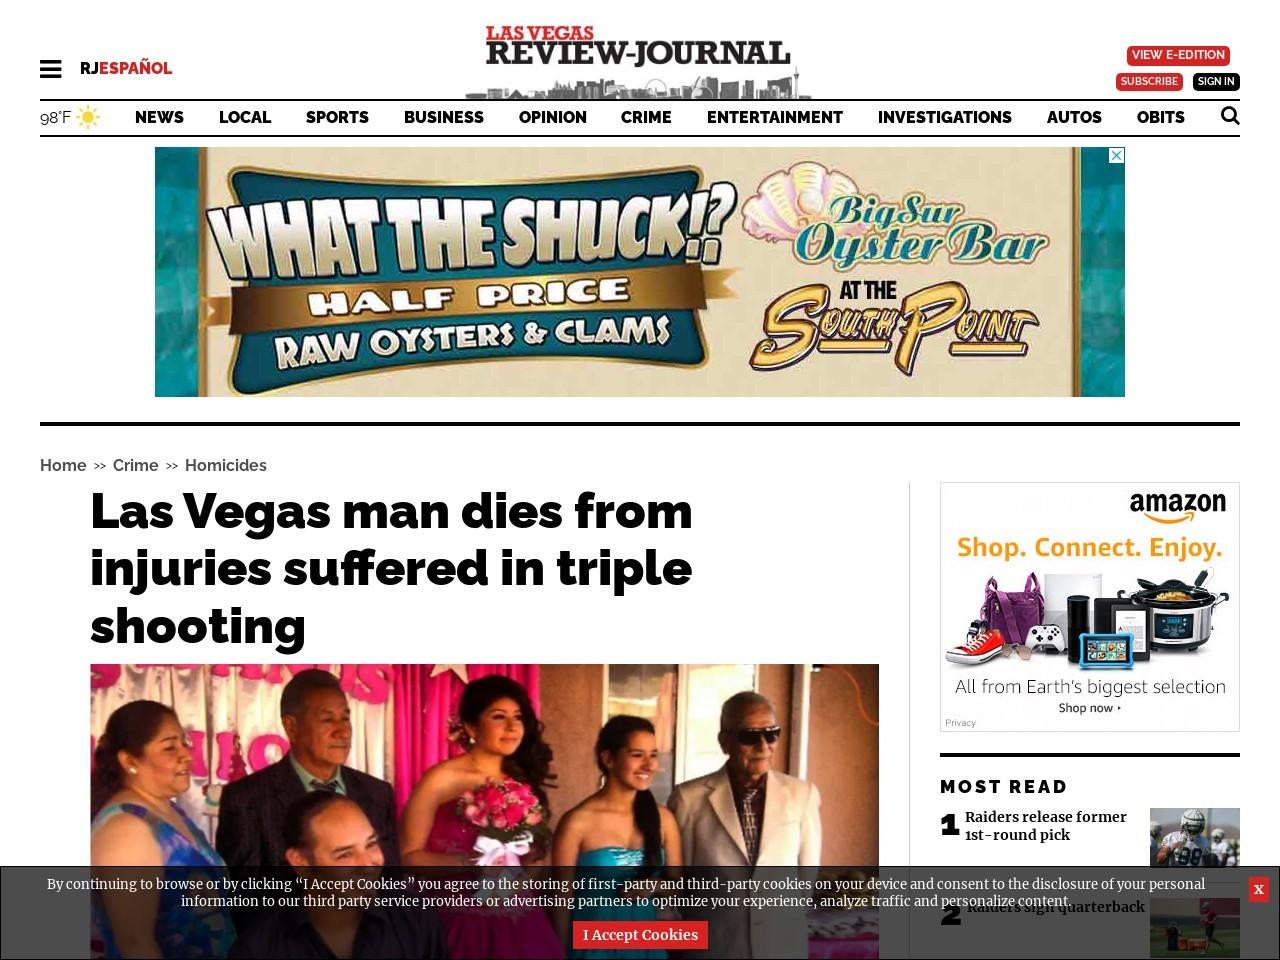 Las Vegas man dies from injuries suffered in triple shooting